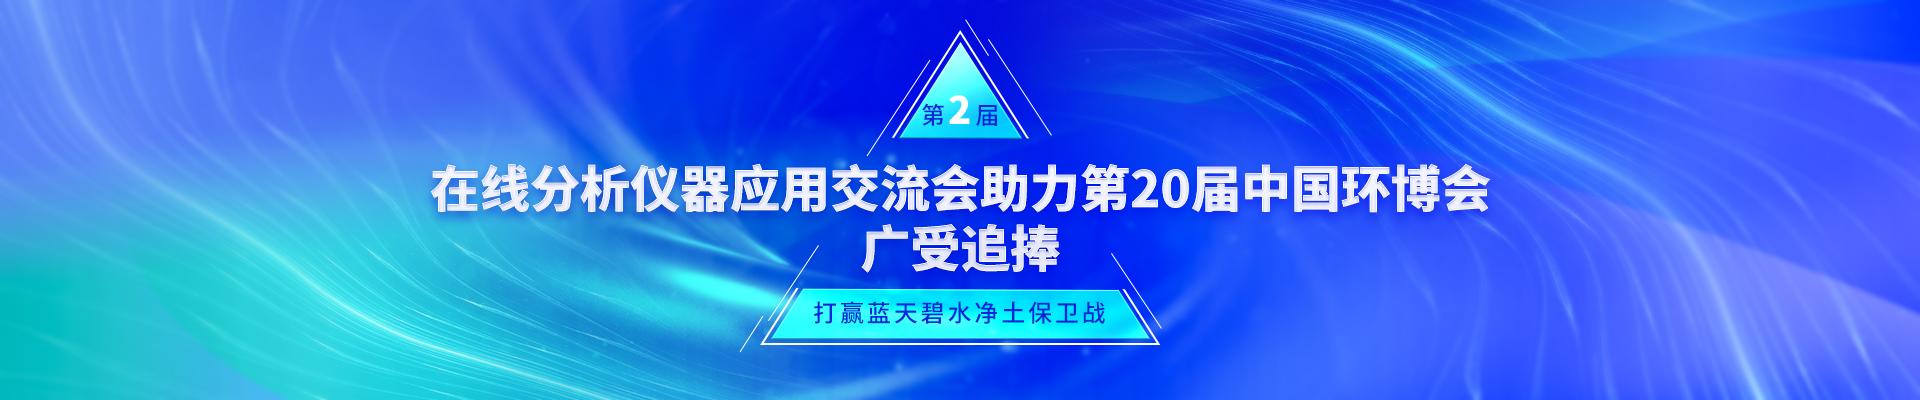 第二届在线分析仪器助力第20届中国环博会广受追捧